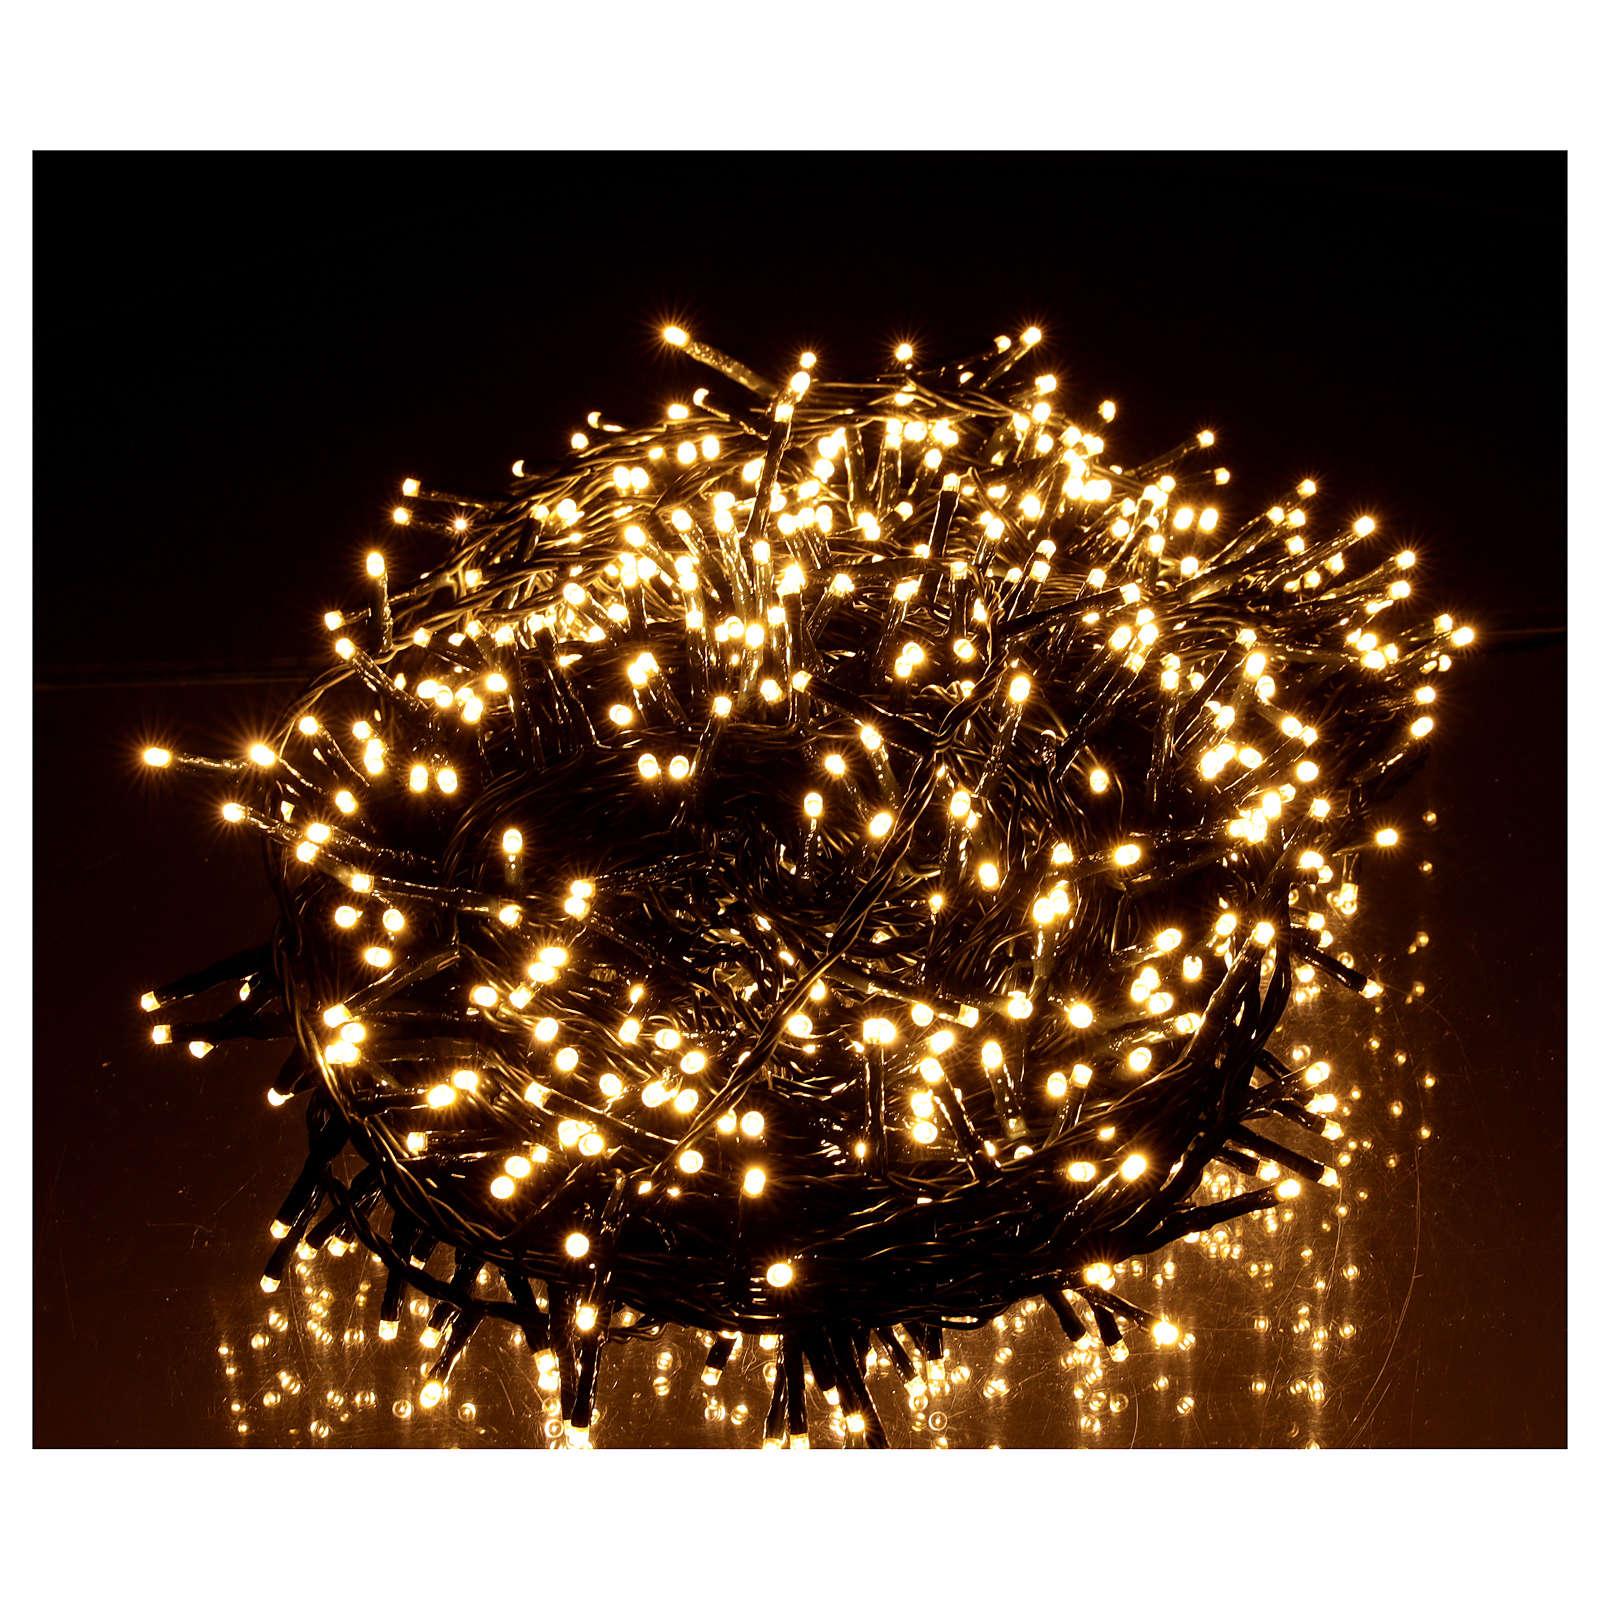 Cadena luminosa Navidad 1000 led blanco cálido control remoto exterior 220V 3